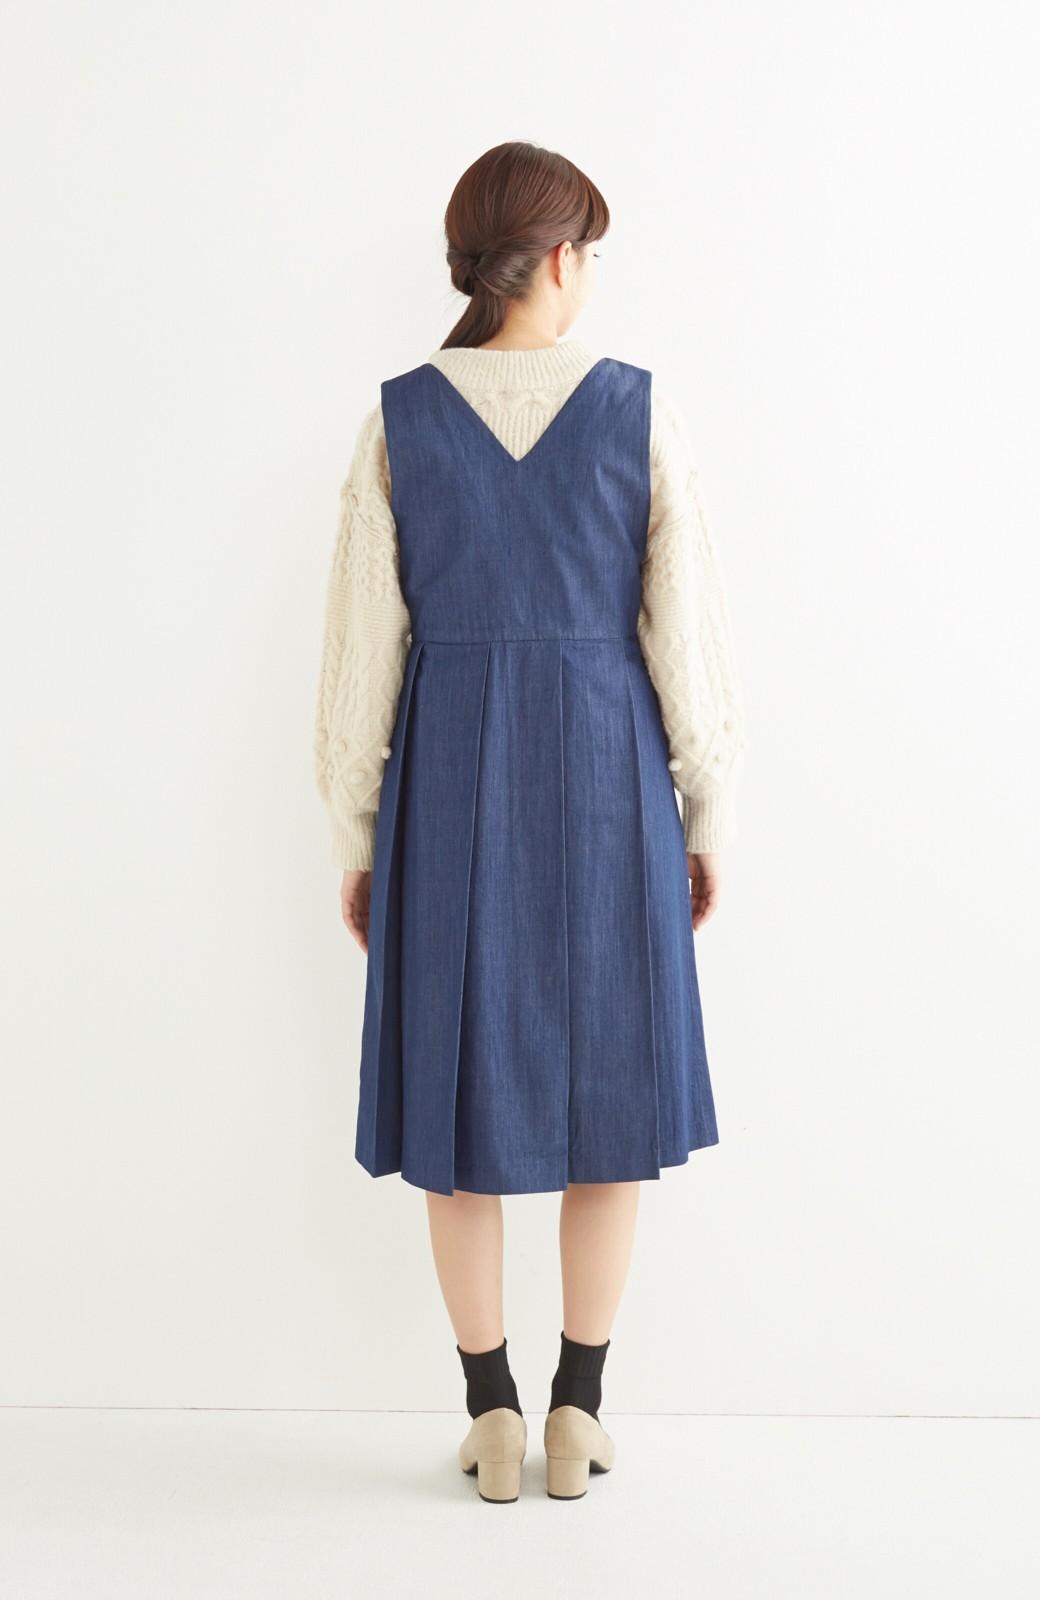 nusy やわらか麻混デニム素材のビッグプリーツジャンパースカート <インディゴブルー>の商品写真7